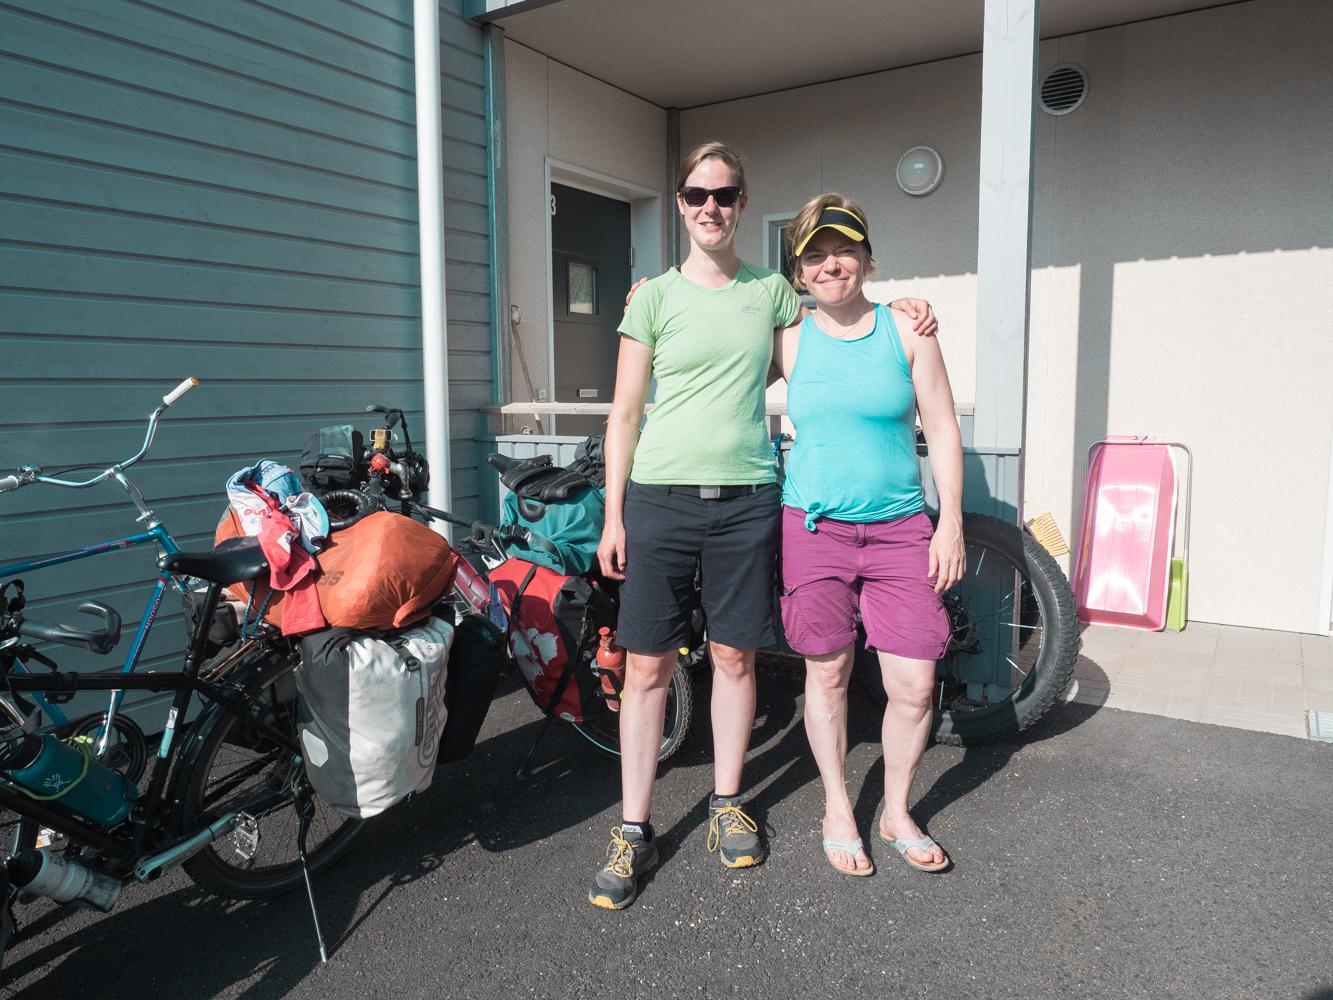 Zu Besuch bei Miia und Panu in Sirkka